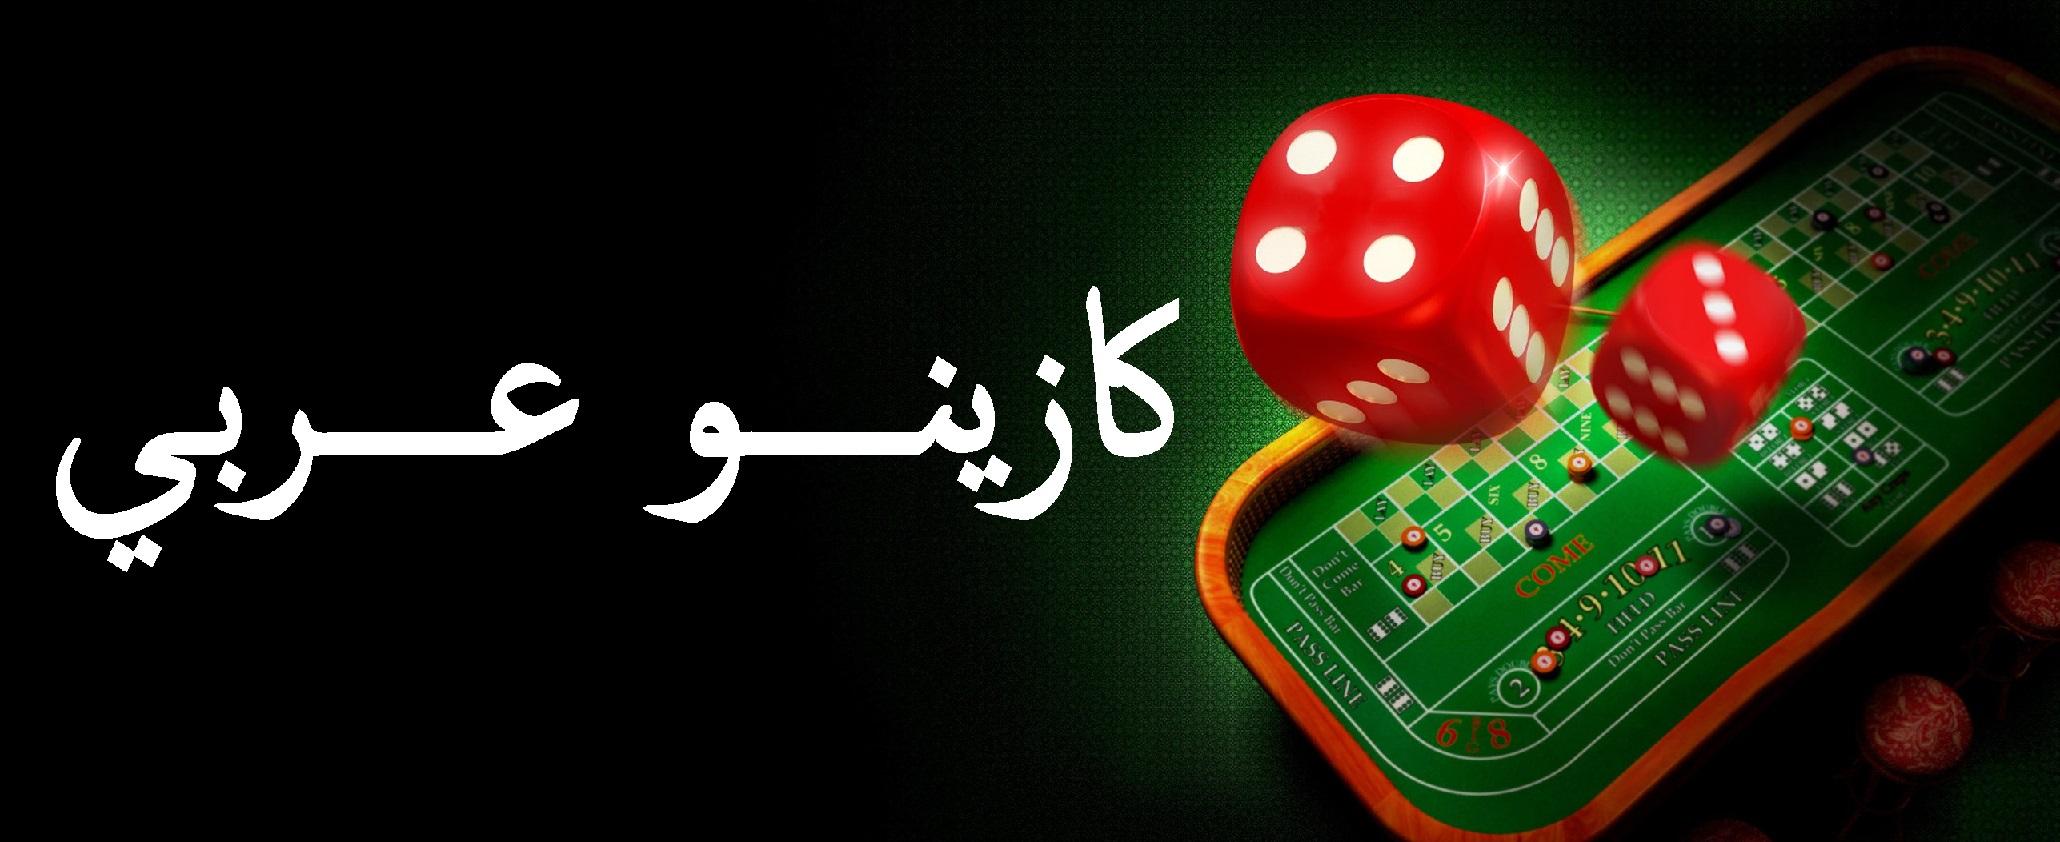 دليل الكويت للكازينو - 57852